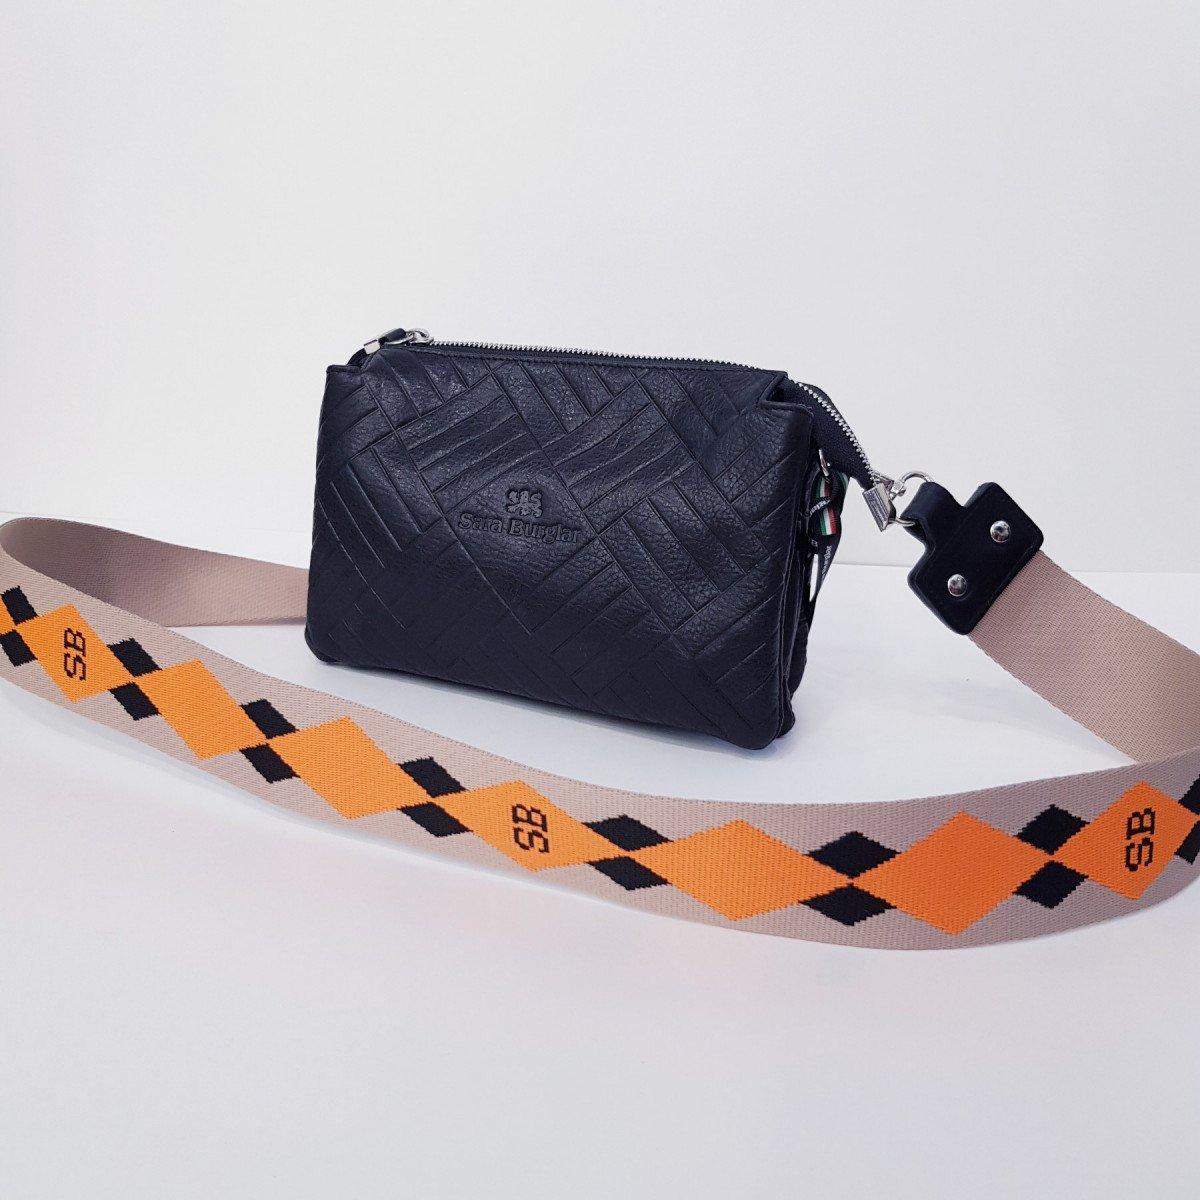 Женская кожаная сумка Sara Burglar A0S1D173 NERO из натуральной кожи